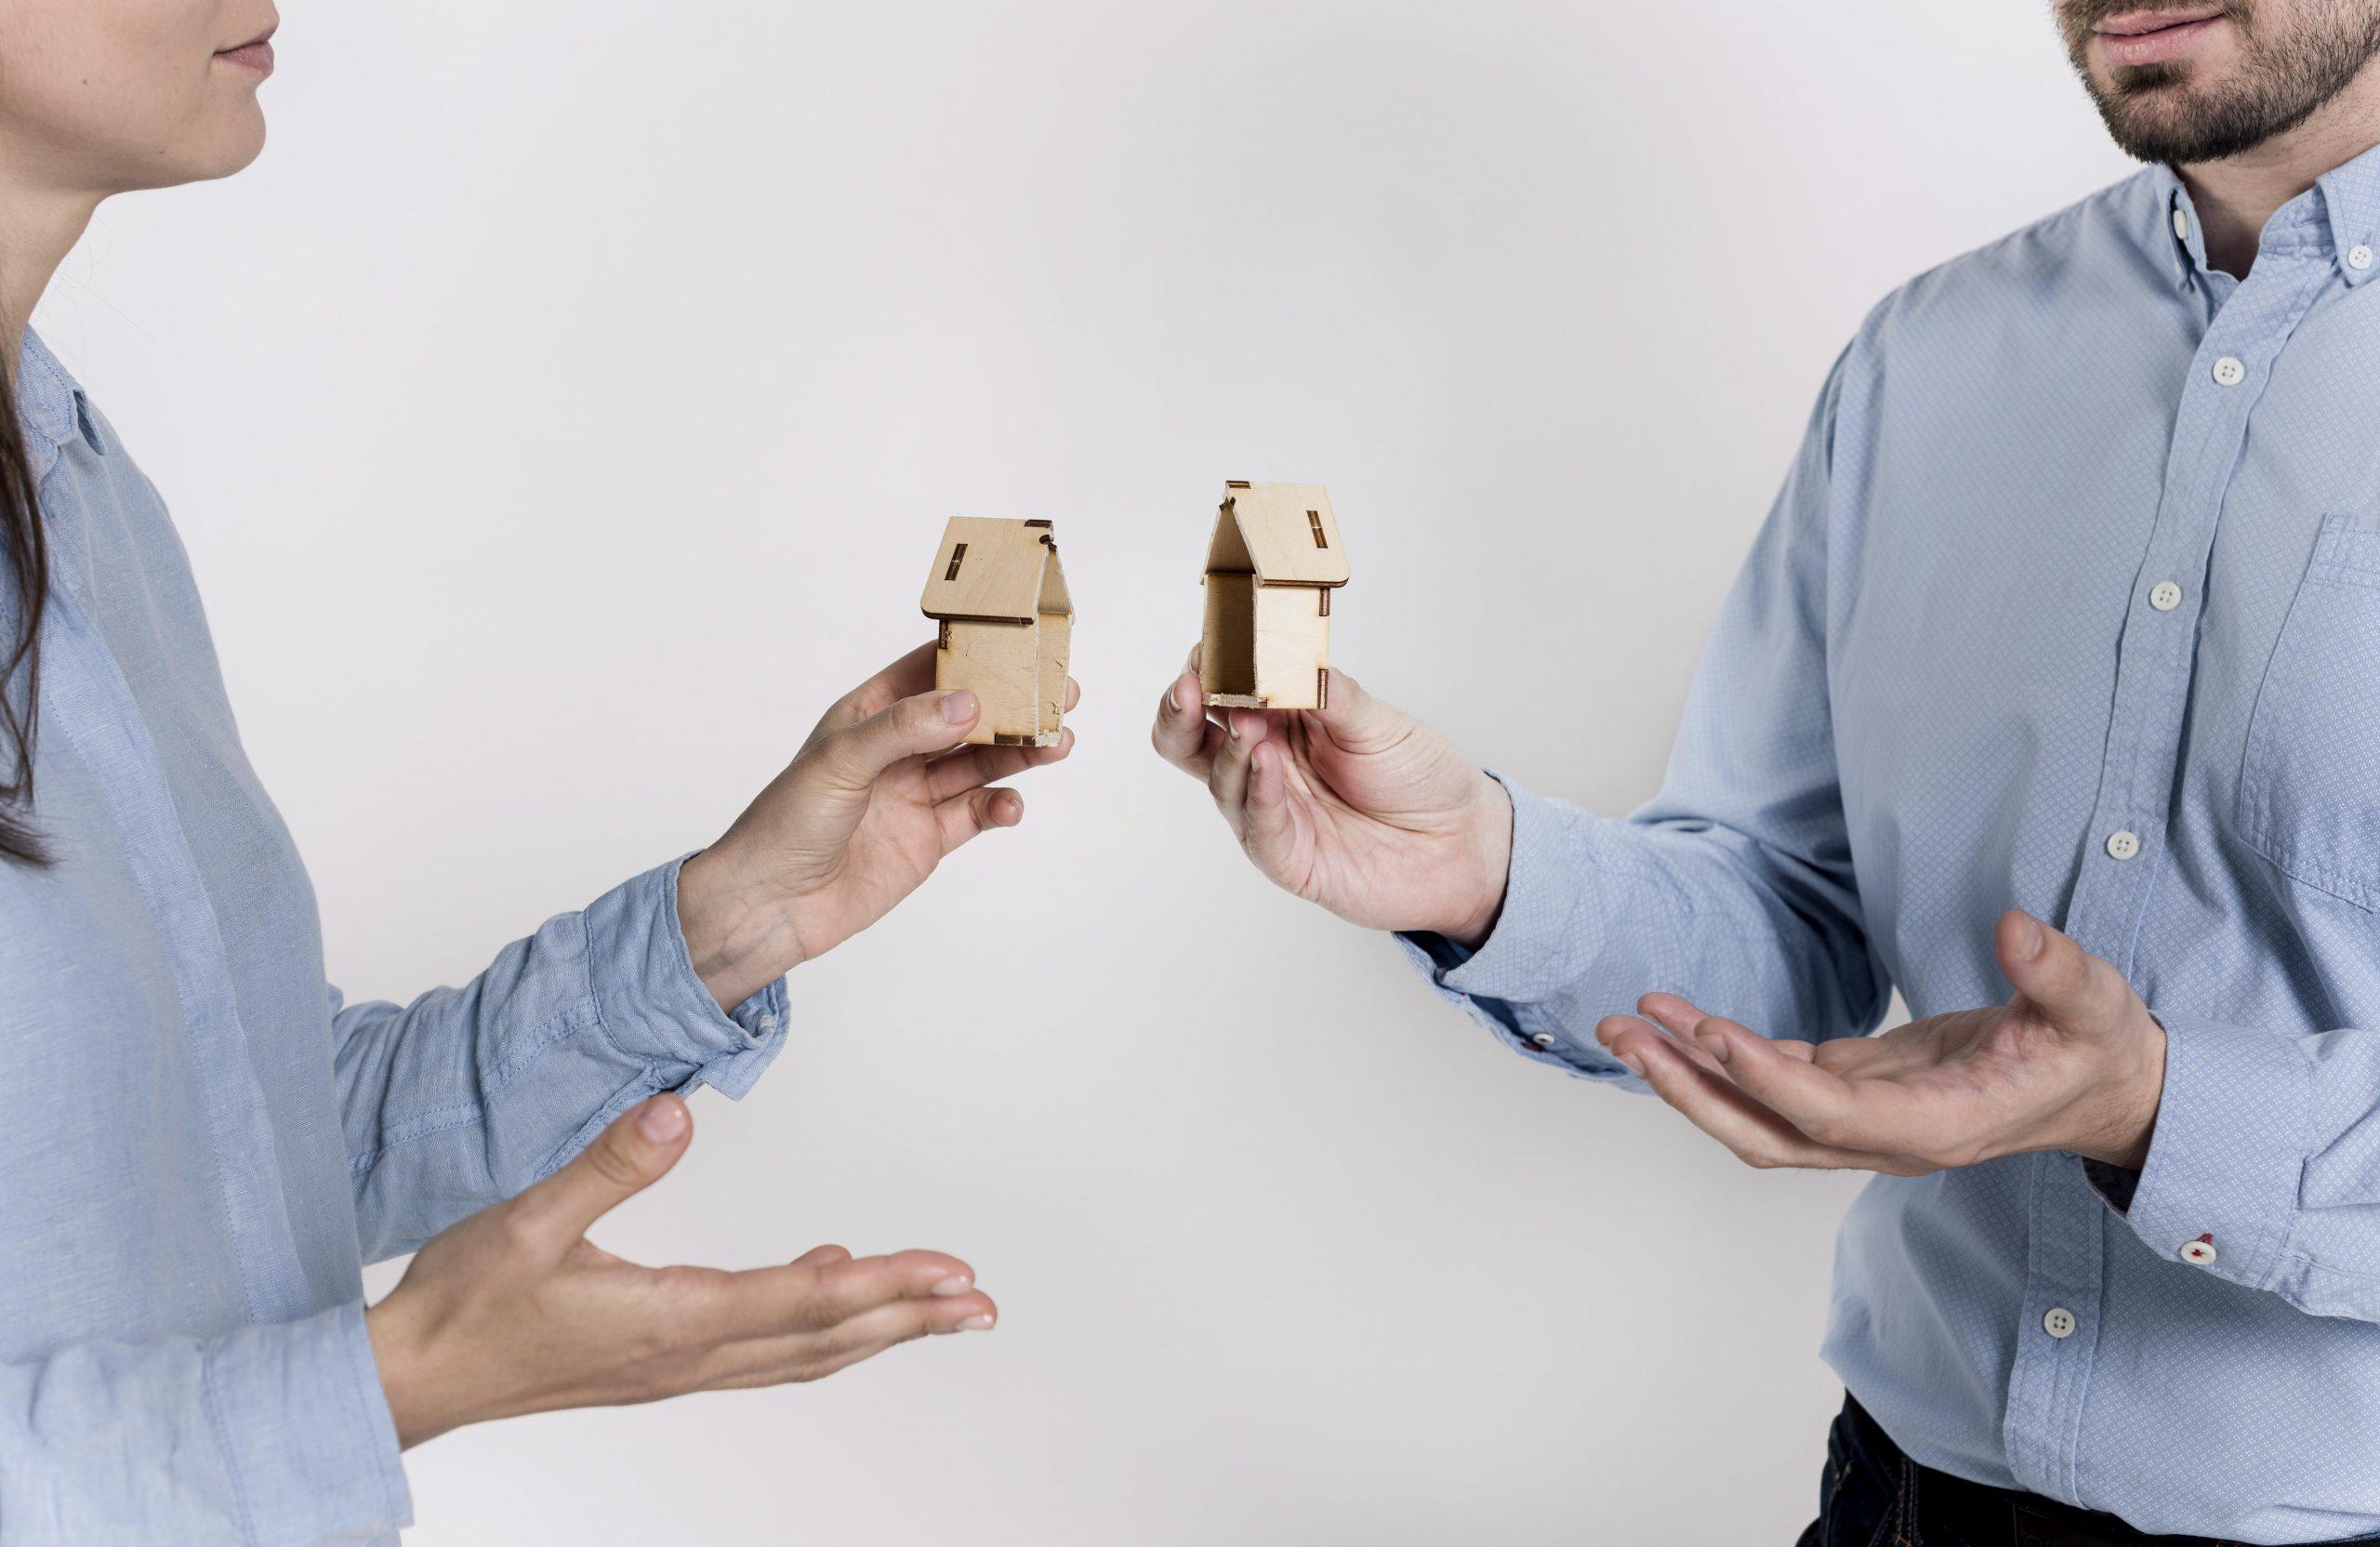 Podział majątku wspólnego po rozwodzie. Jak złożyć wniosek?